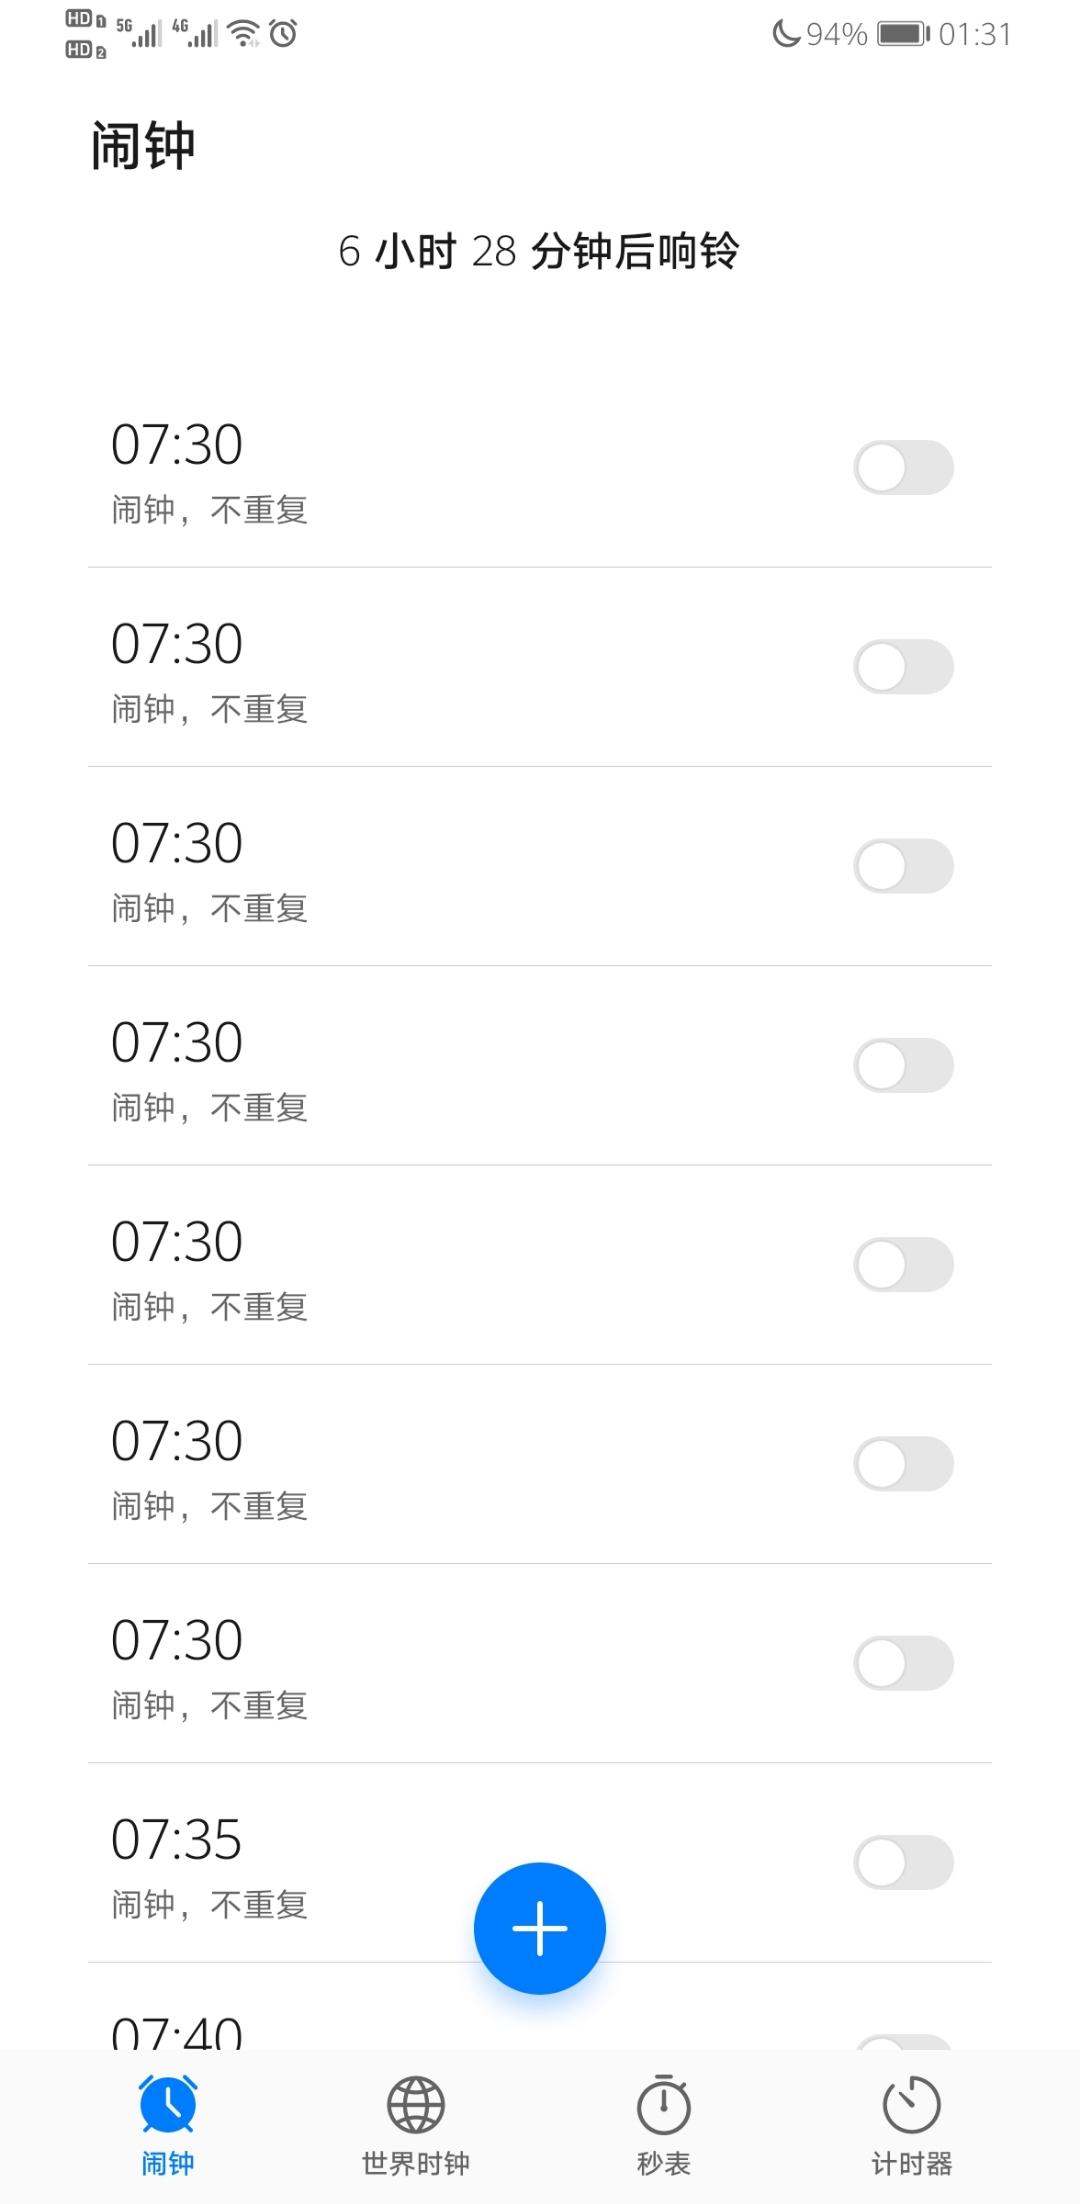 Screenshot_20200515_013125_com.android.deskclock.jpg